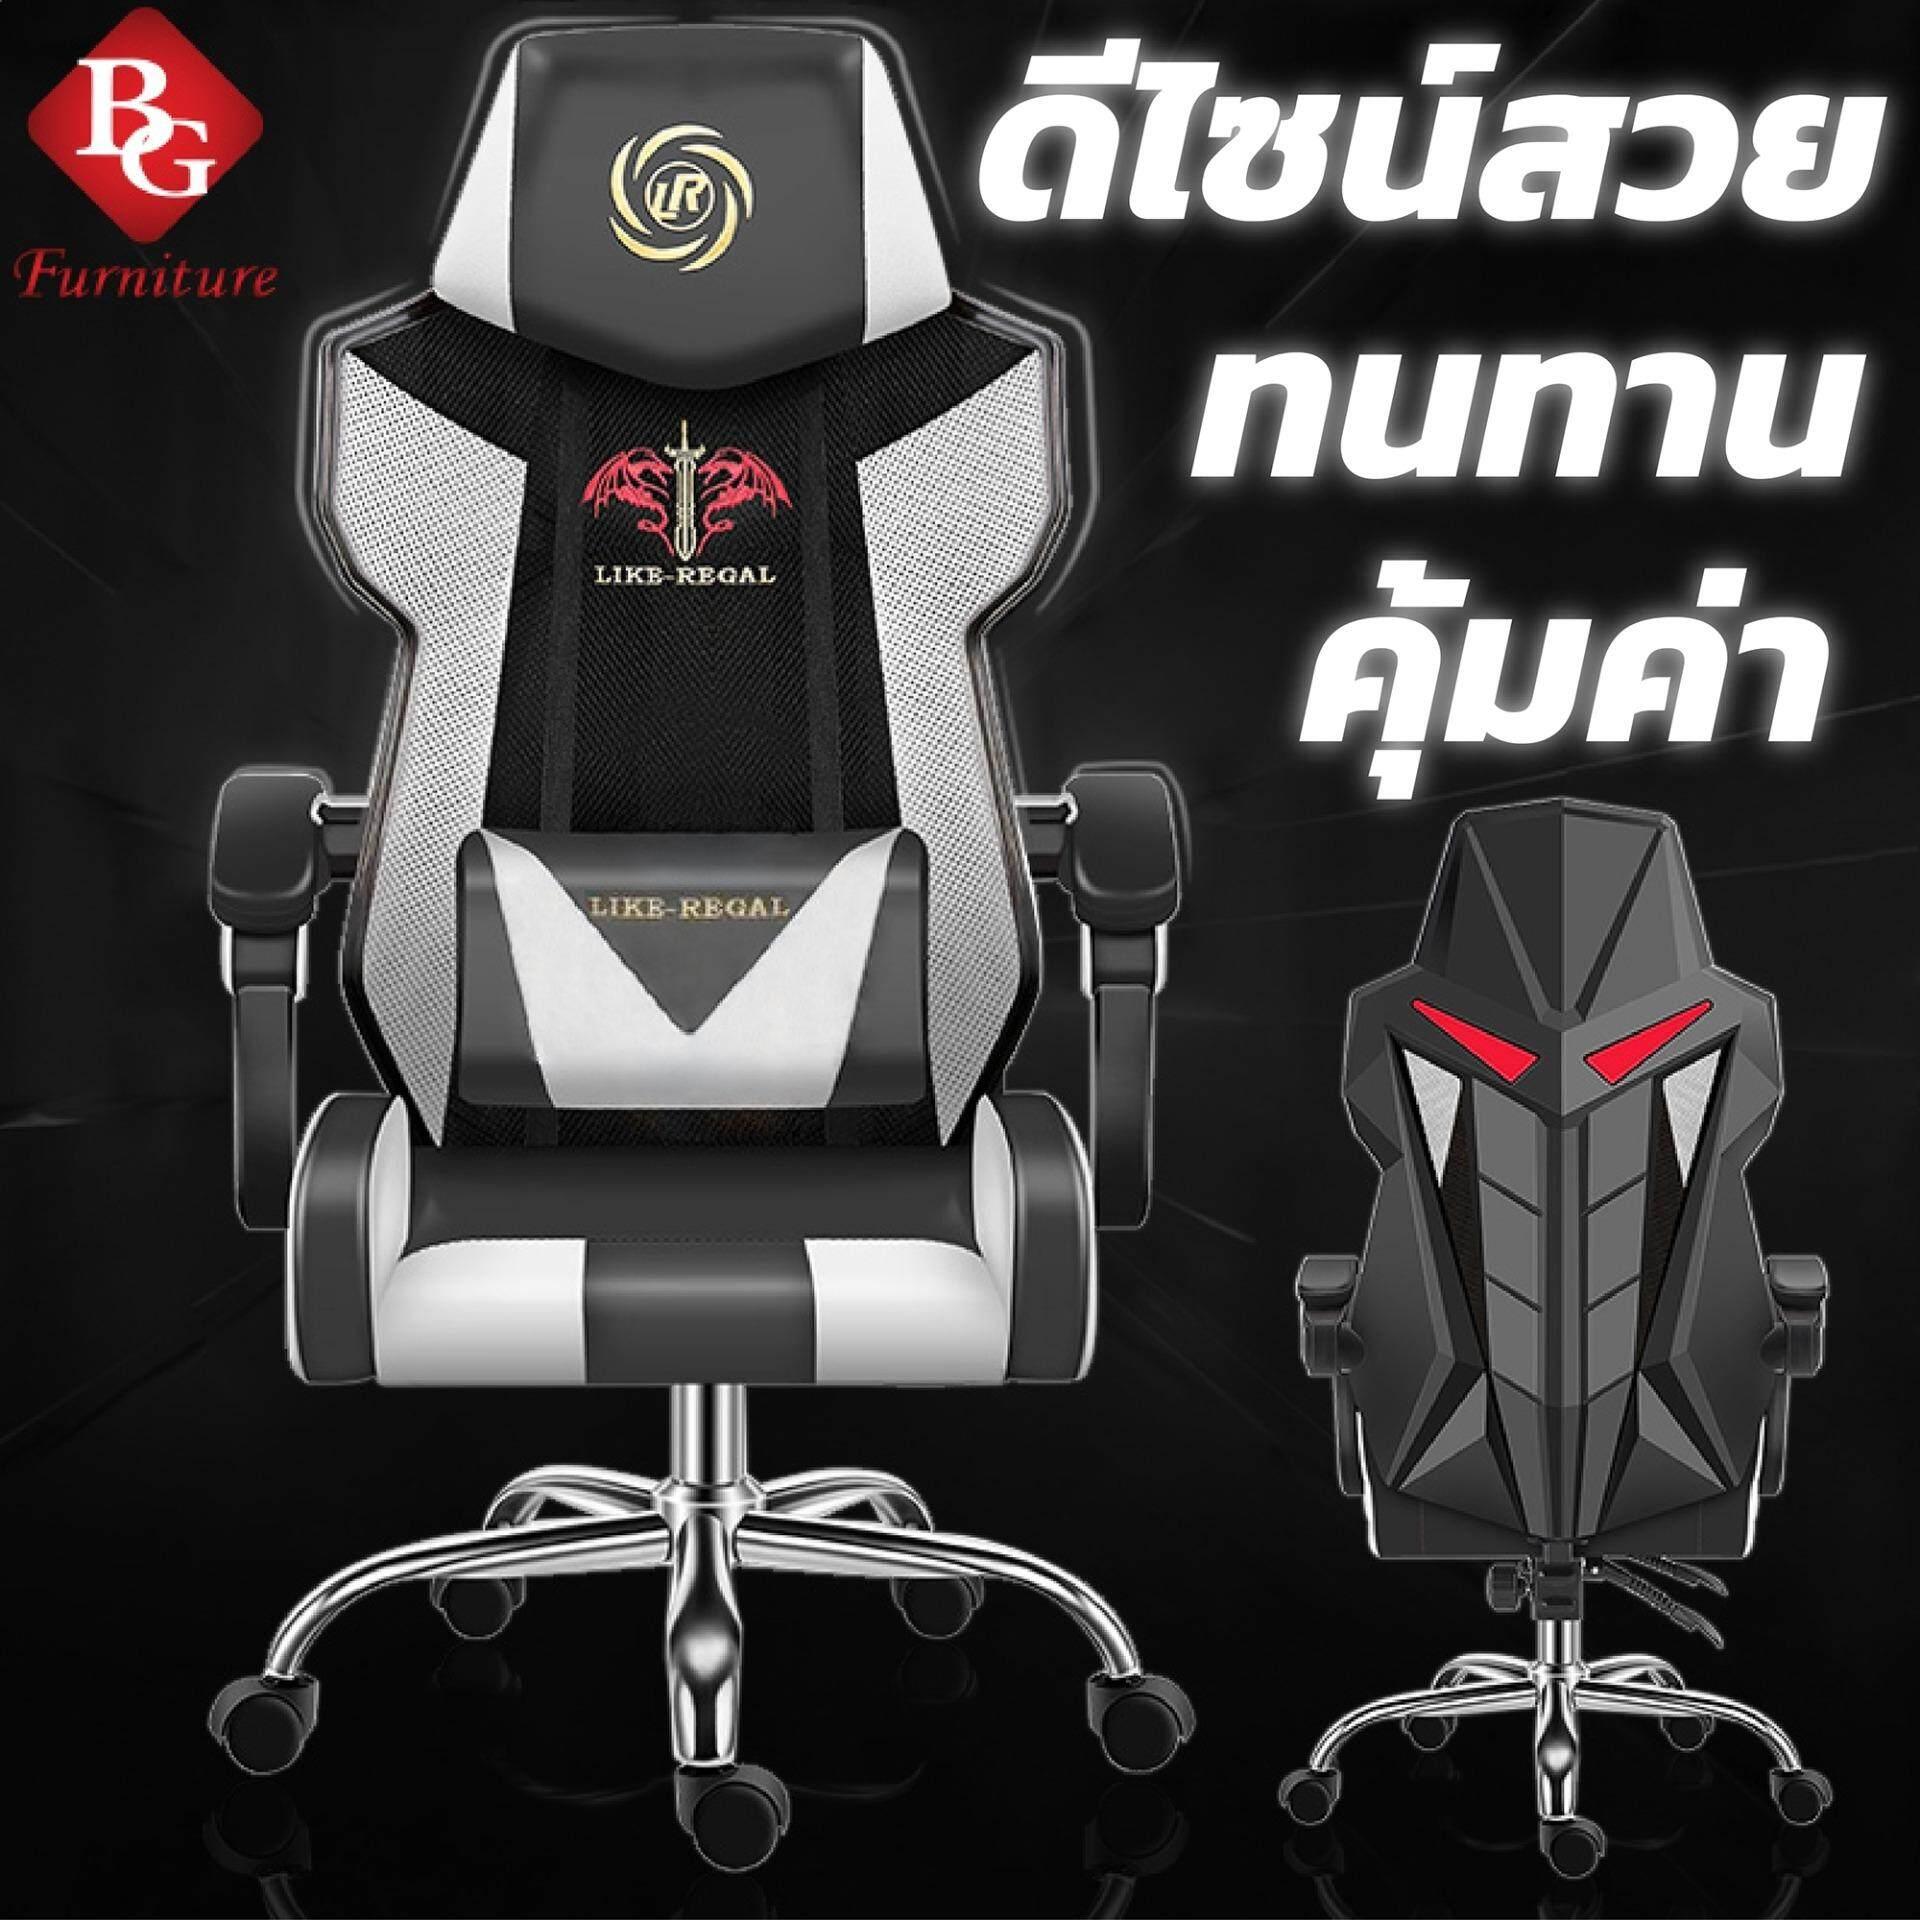 ยี่ห้อนี้ดีไหม  BG Furniture  เก้าอี้เล่นเกมส์ เก้าอี้สำนักงาน ปรับนอนได้ Gaming Chair - รุ่น E-05 (White)